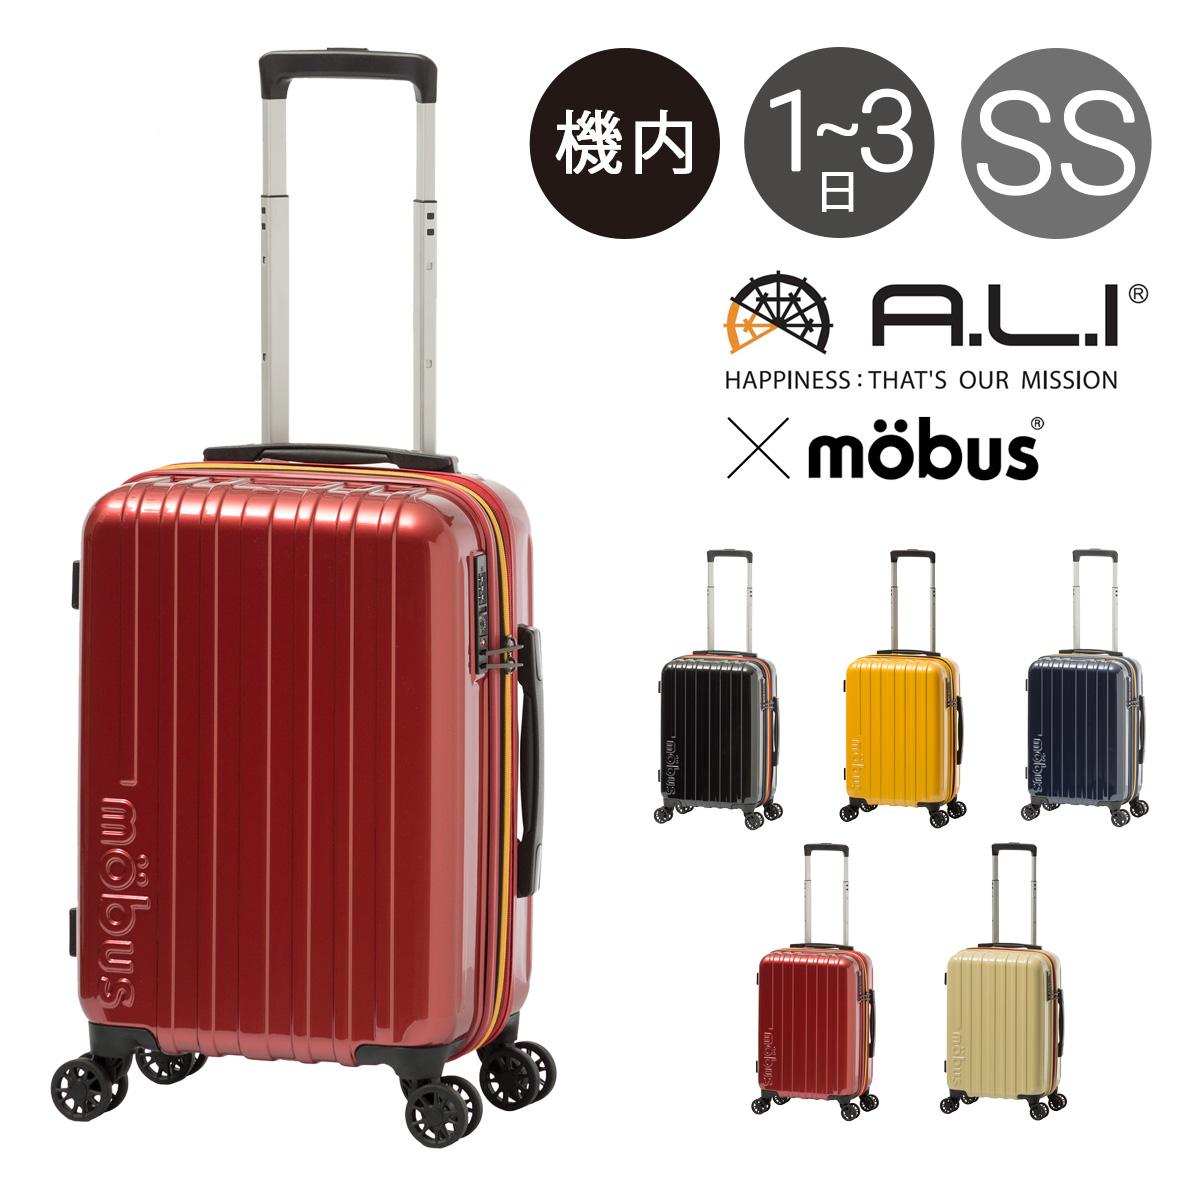 アジアラゲージ モーブス スーツケース 機内持ち込み 38L 47cm 2.8kg MBC-1909-18 mobus×A.L.I|ハード ファスナー キャリーバッグ キャリーケース 拡張 TSAロック搭載